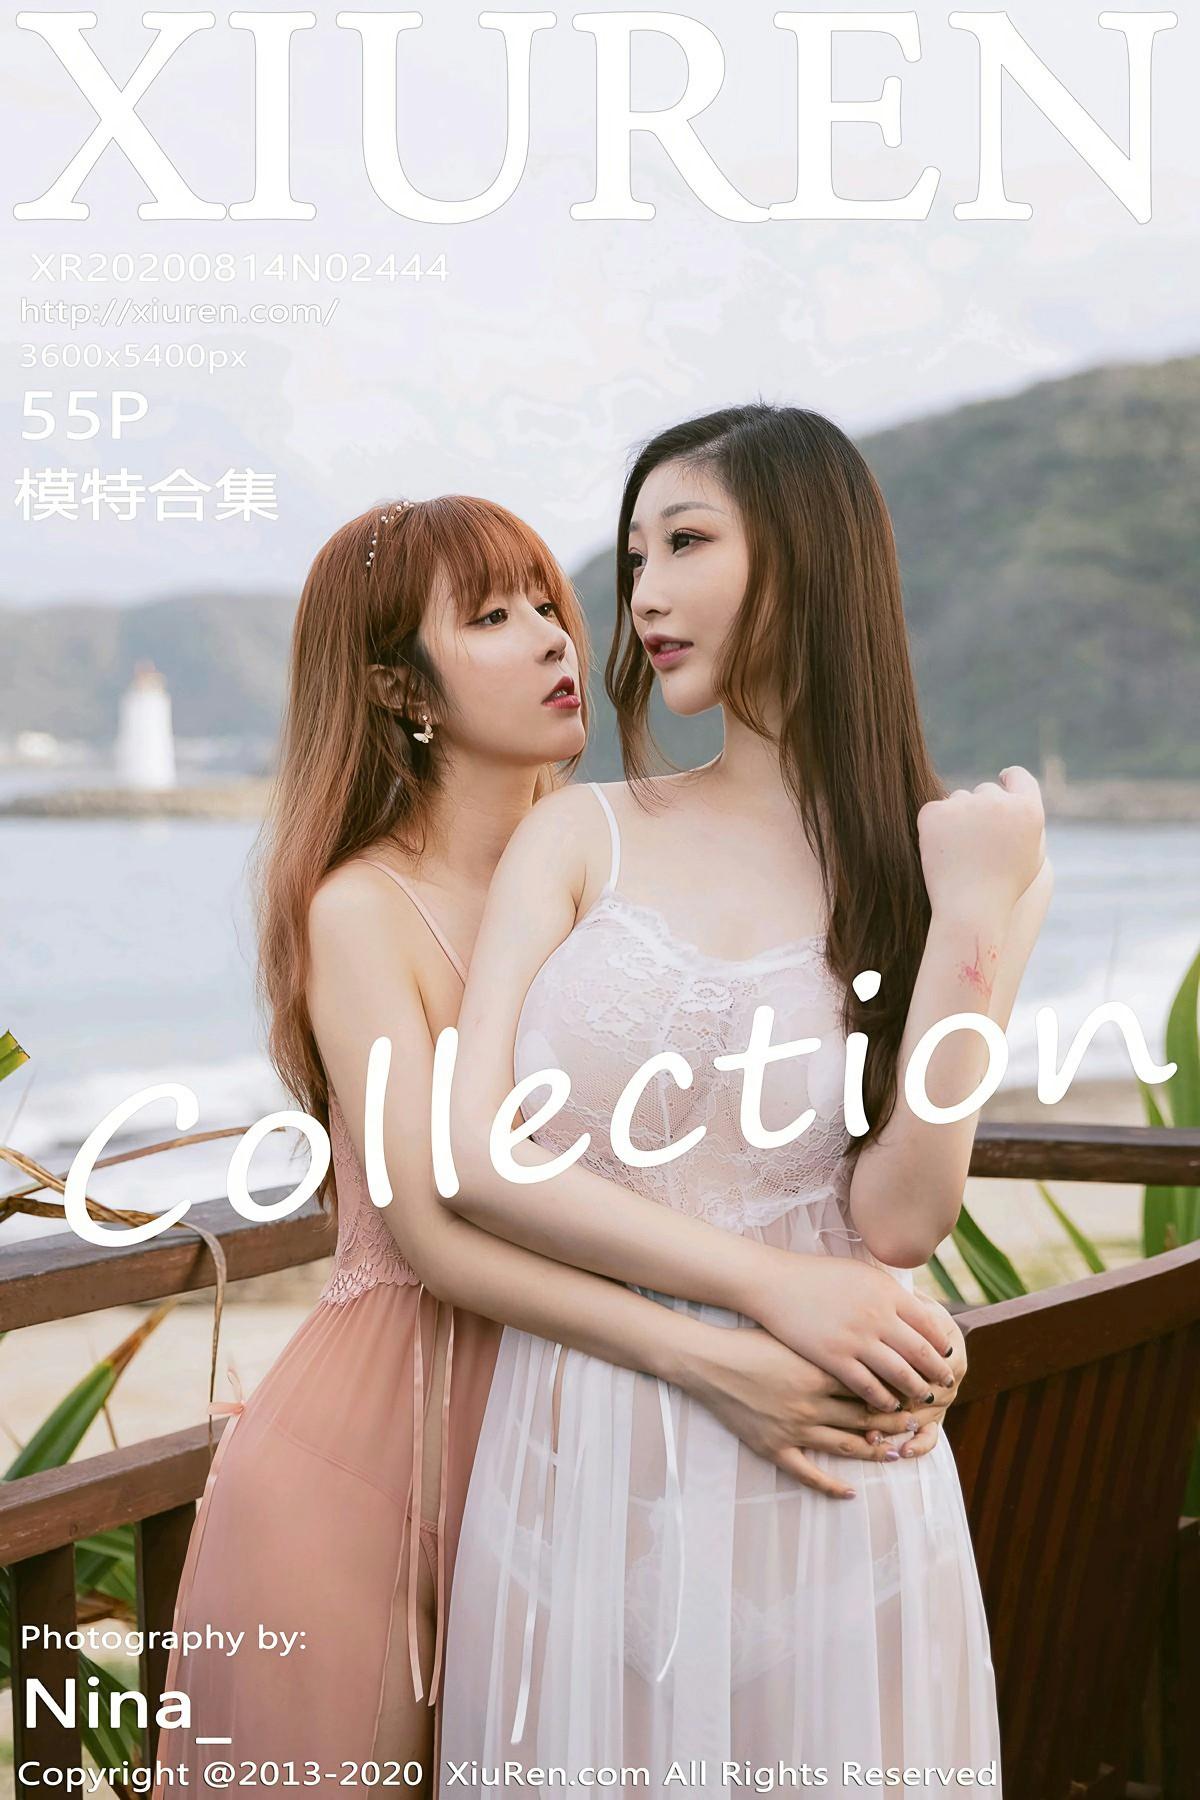 [XiuRen秀人网] 2020.08.14 No.2444 模特合集 第1张